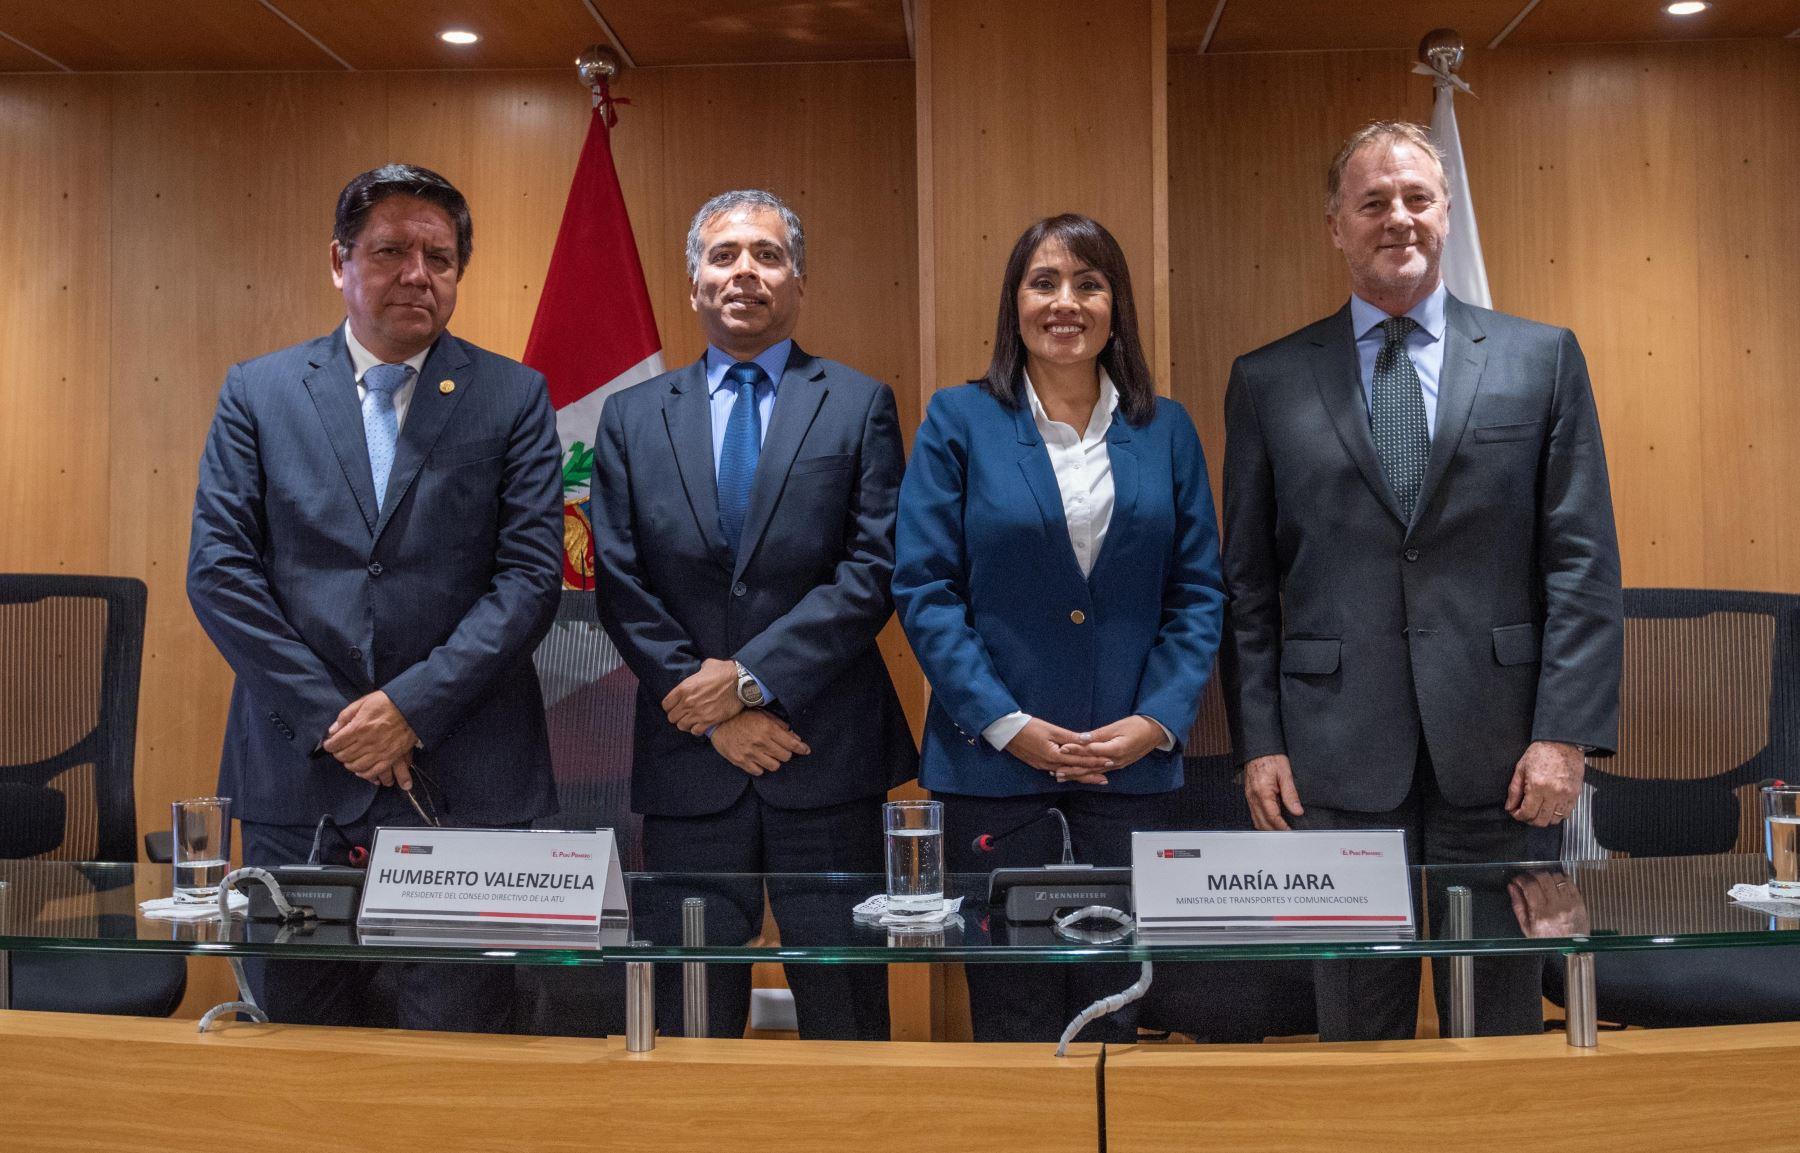 Hoy se instaló el consejo directivo de la Autoridad del Transporte Urbano para Lima y Callao (ATU) e inició sus funciones.Foto: MTC